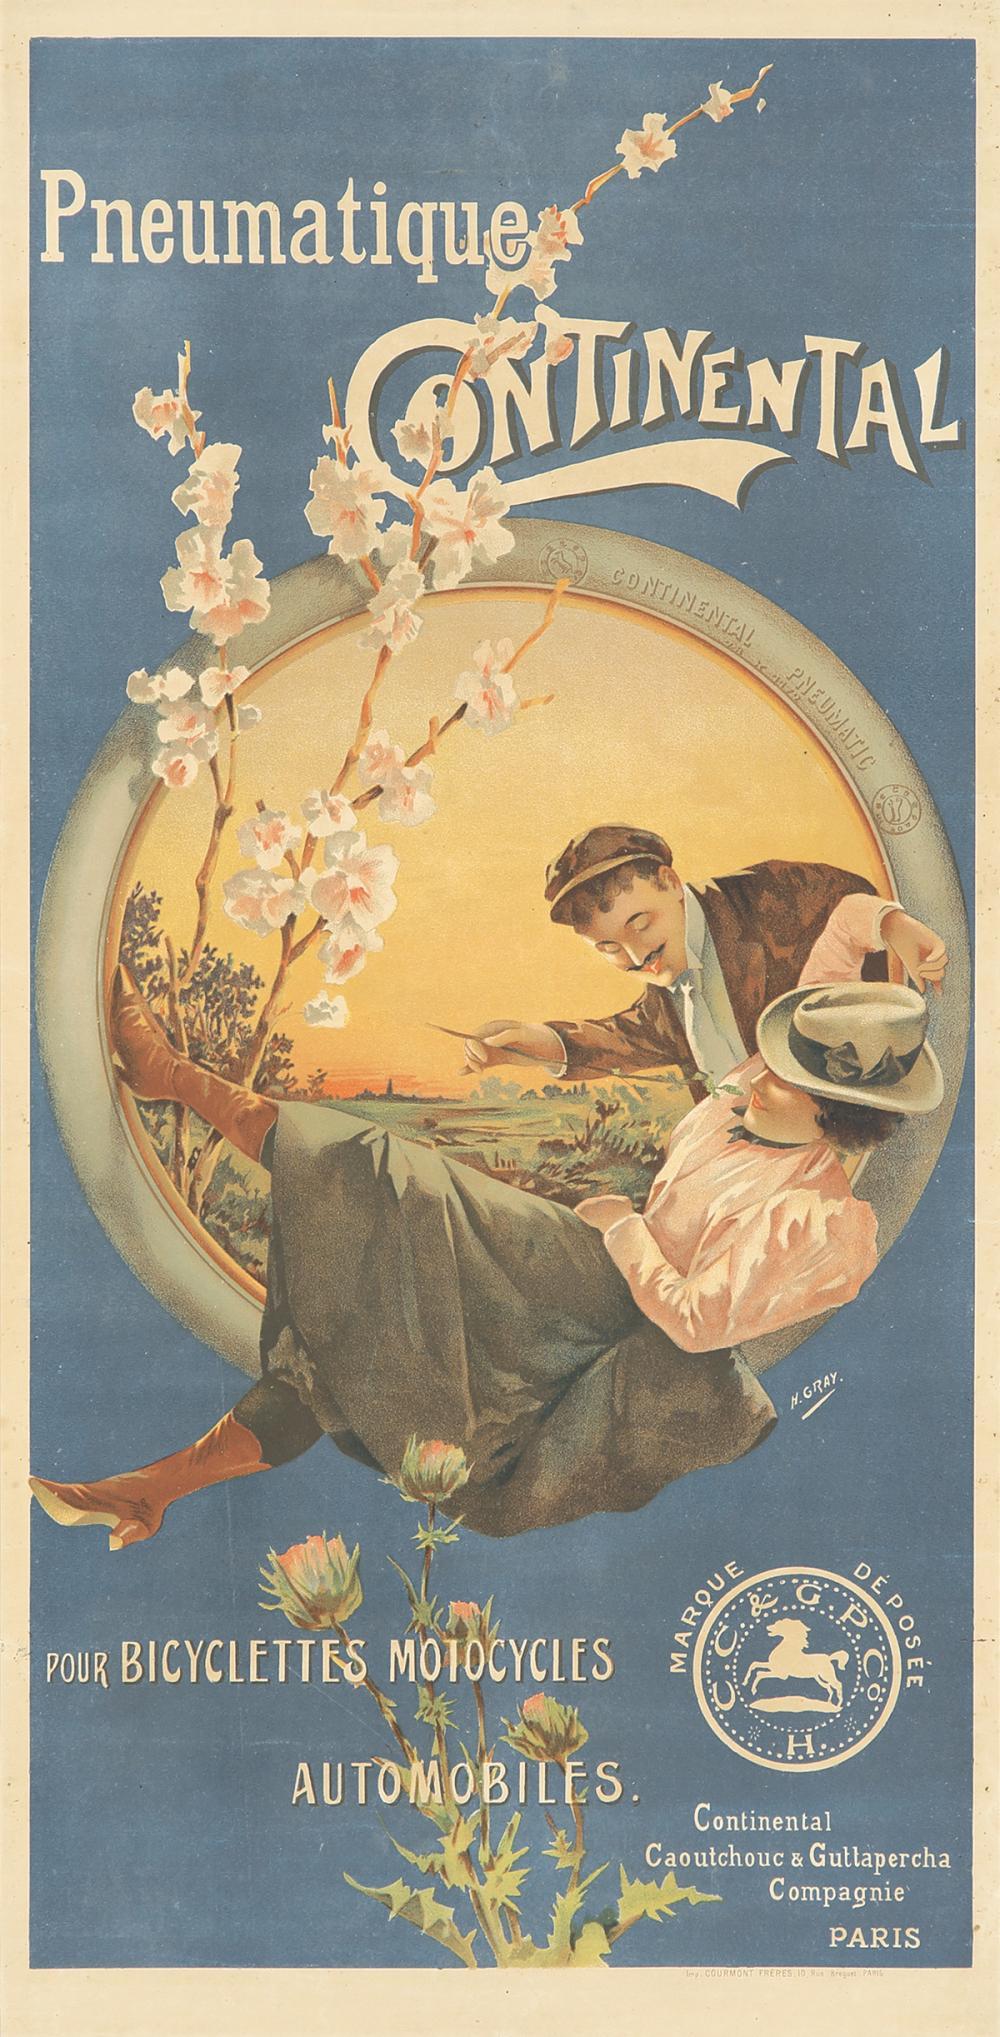 Pneumatique Continental. ca. 1900.